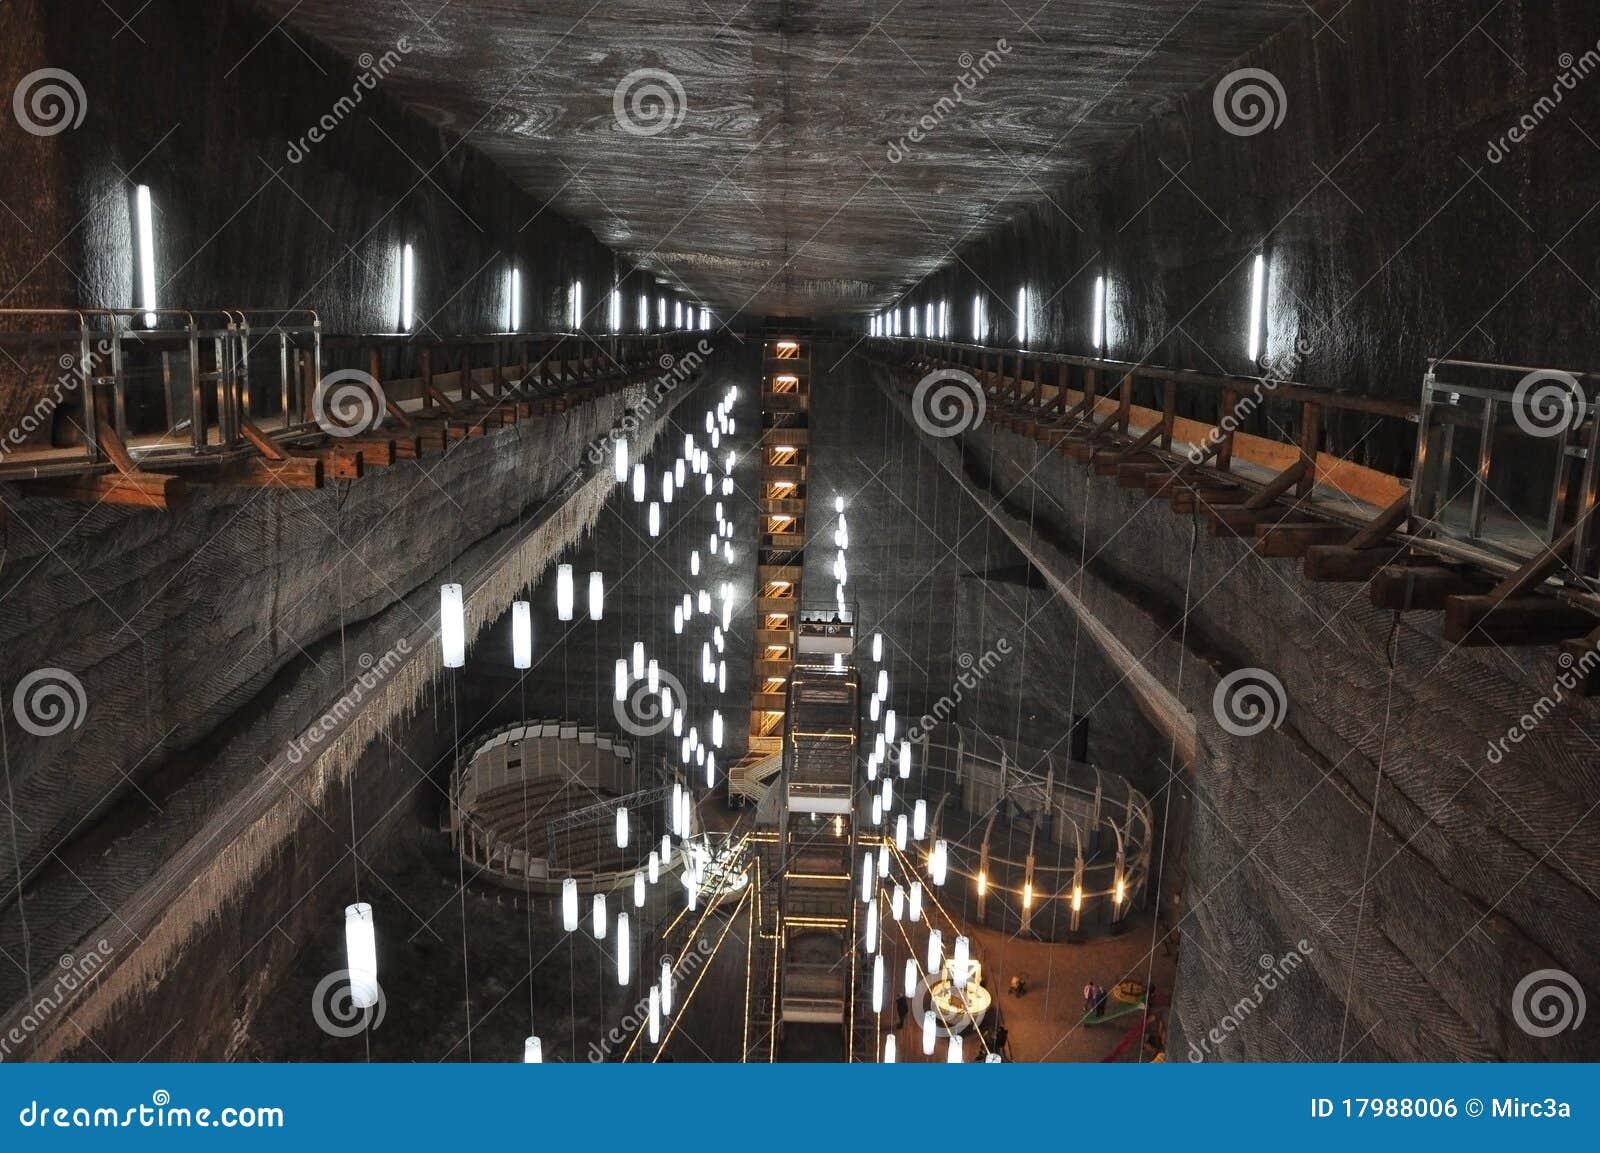 Turda Salt mine editorial photo  Image of mechanism, cavern